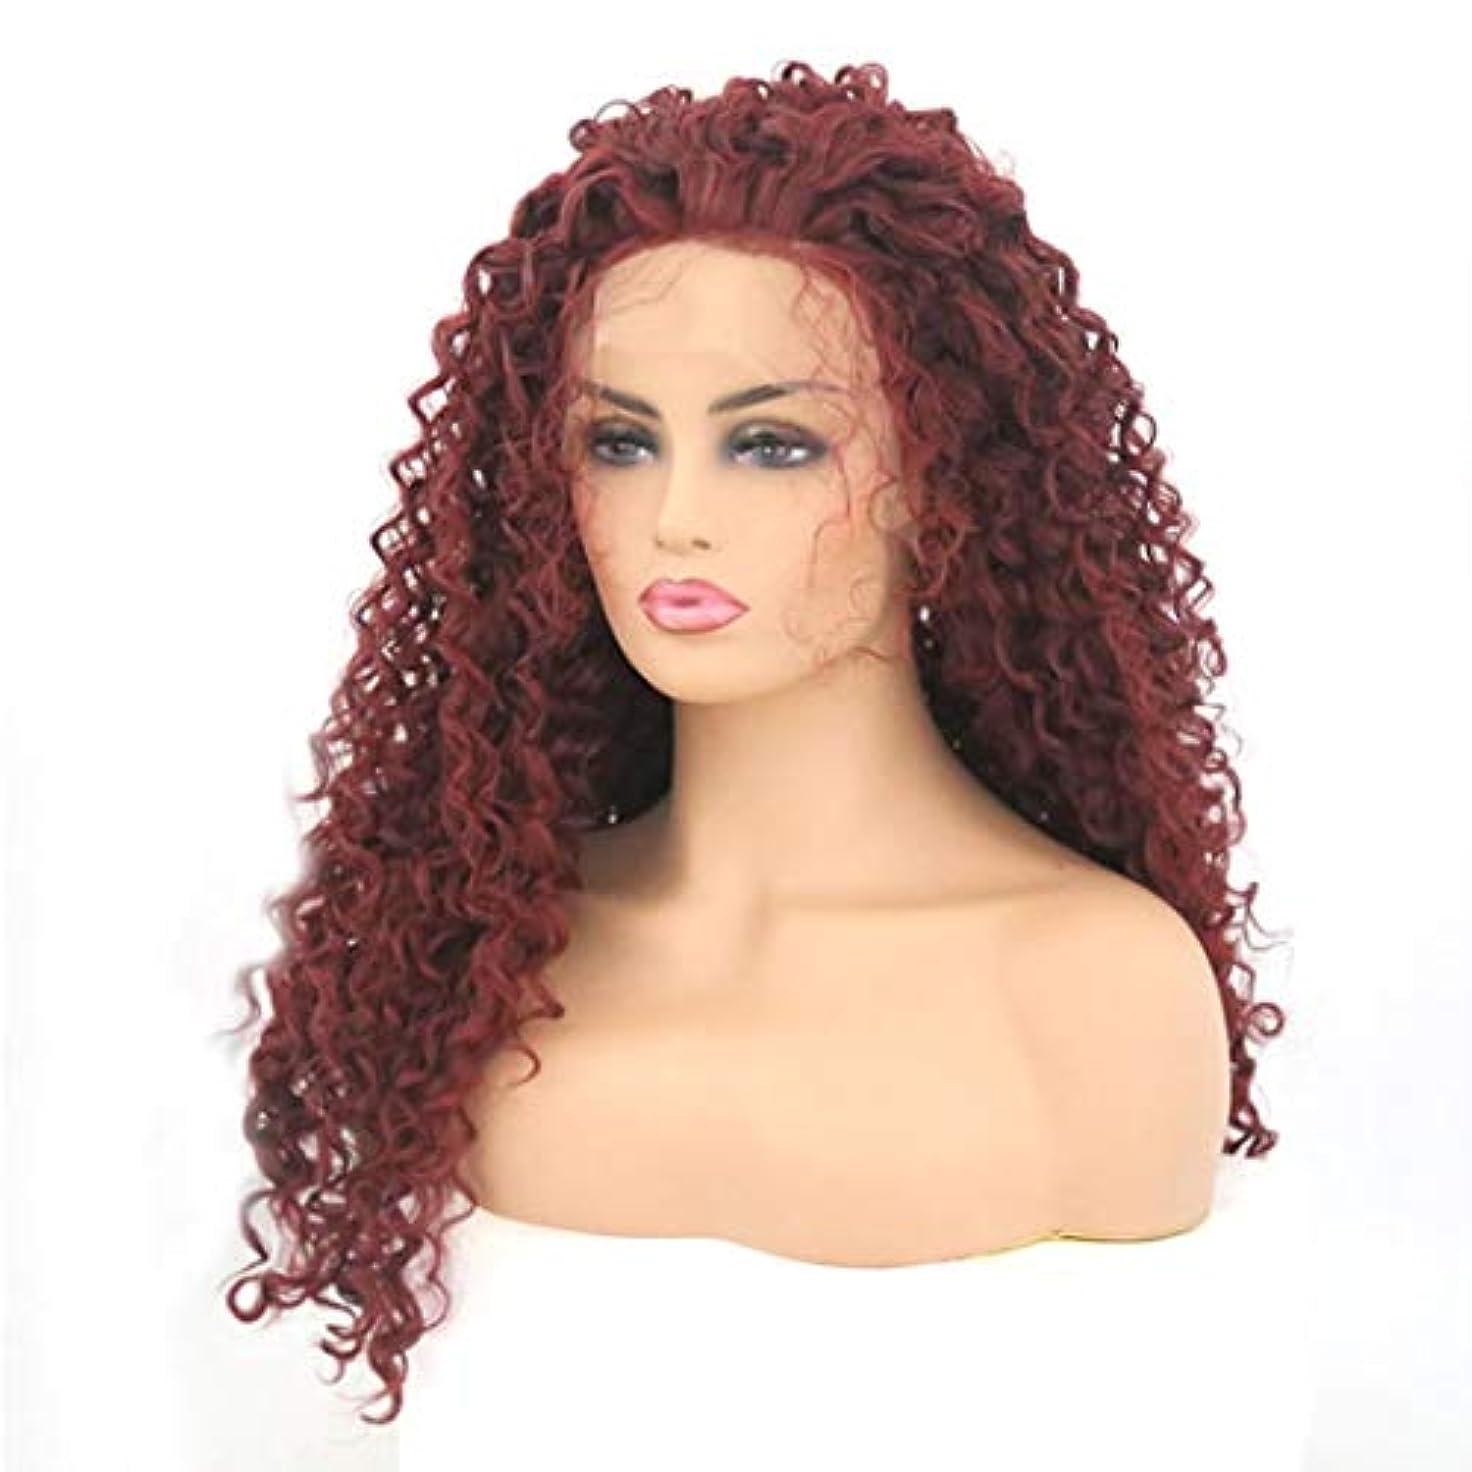 最大限近所の嘆願Kerwinner 本物の髪として自然な女性のためのフロントレースワインレッドカーリーヘアー合成カラフルなコスプレデイリーパーティーウィッグ